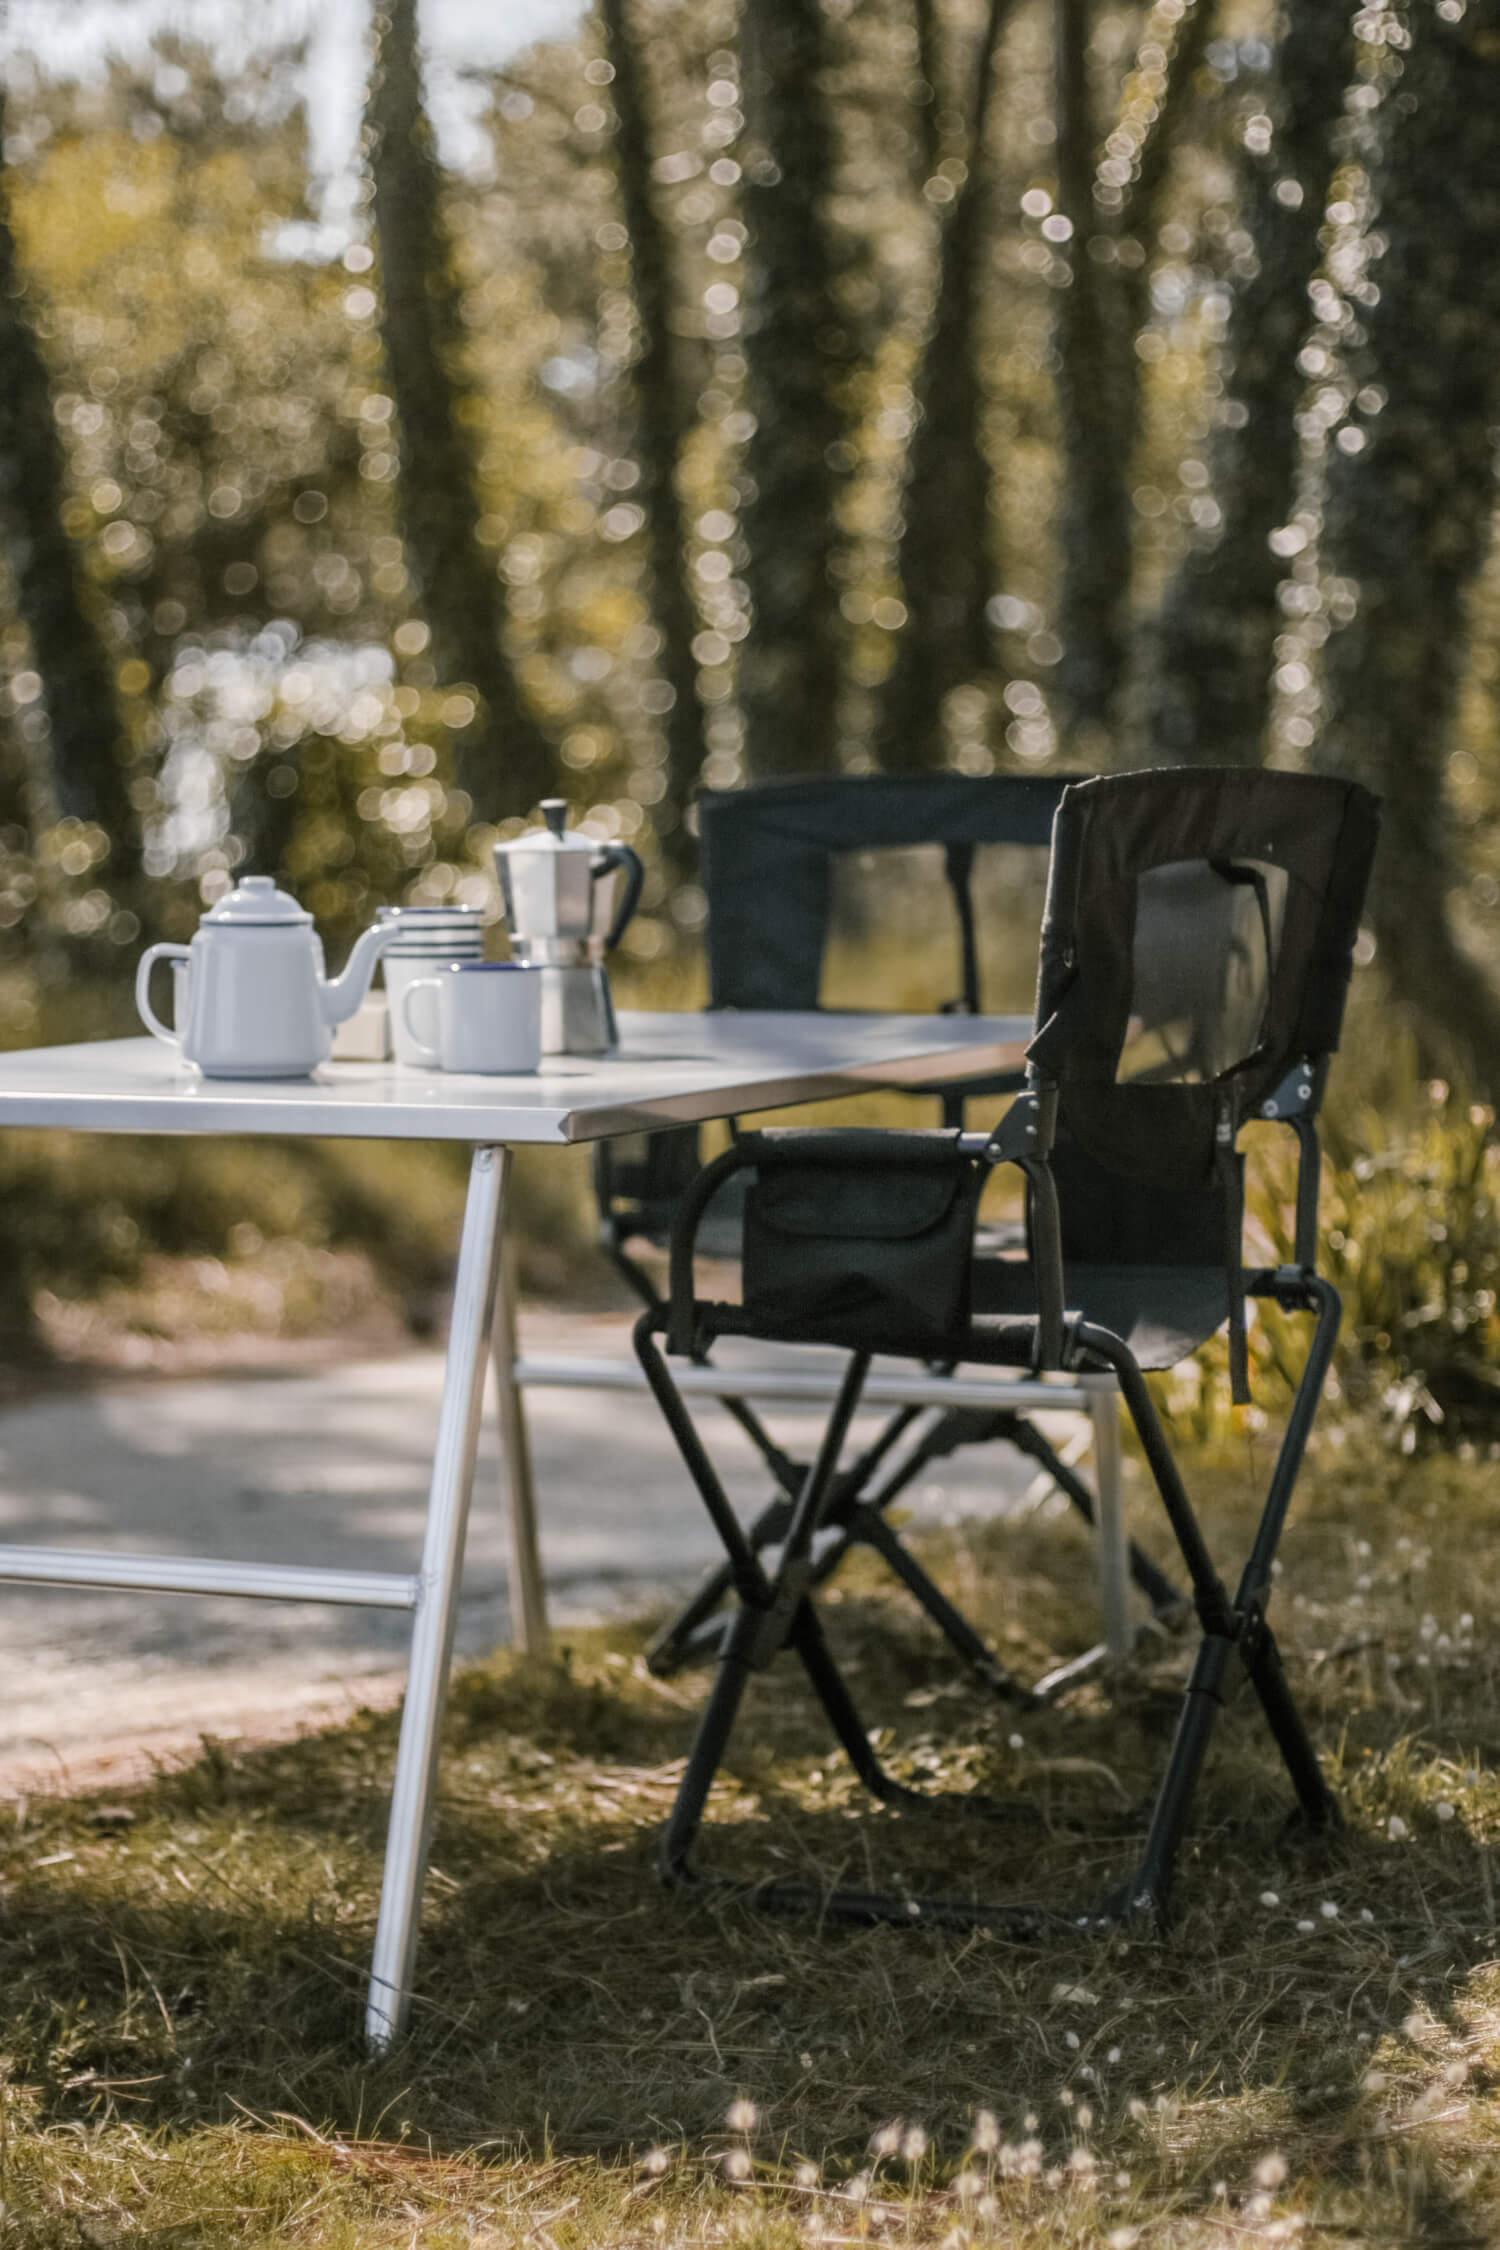 location de chaises pliantes pour le camping la grande ourse. Black Bedroom Furniture Sets. Home Design Ideas